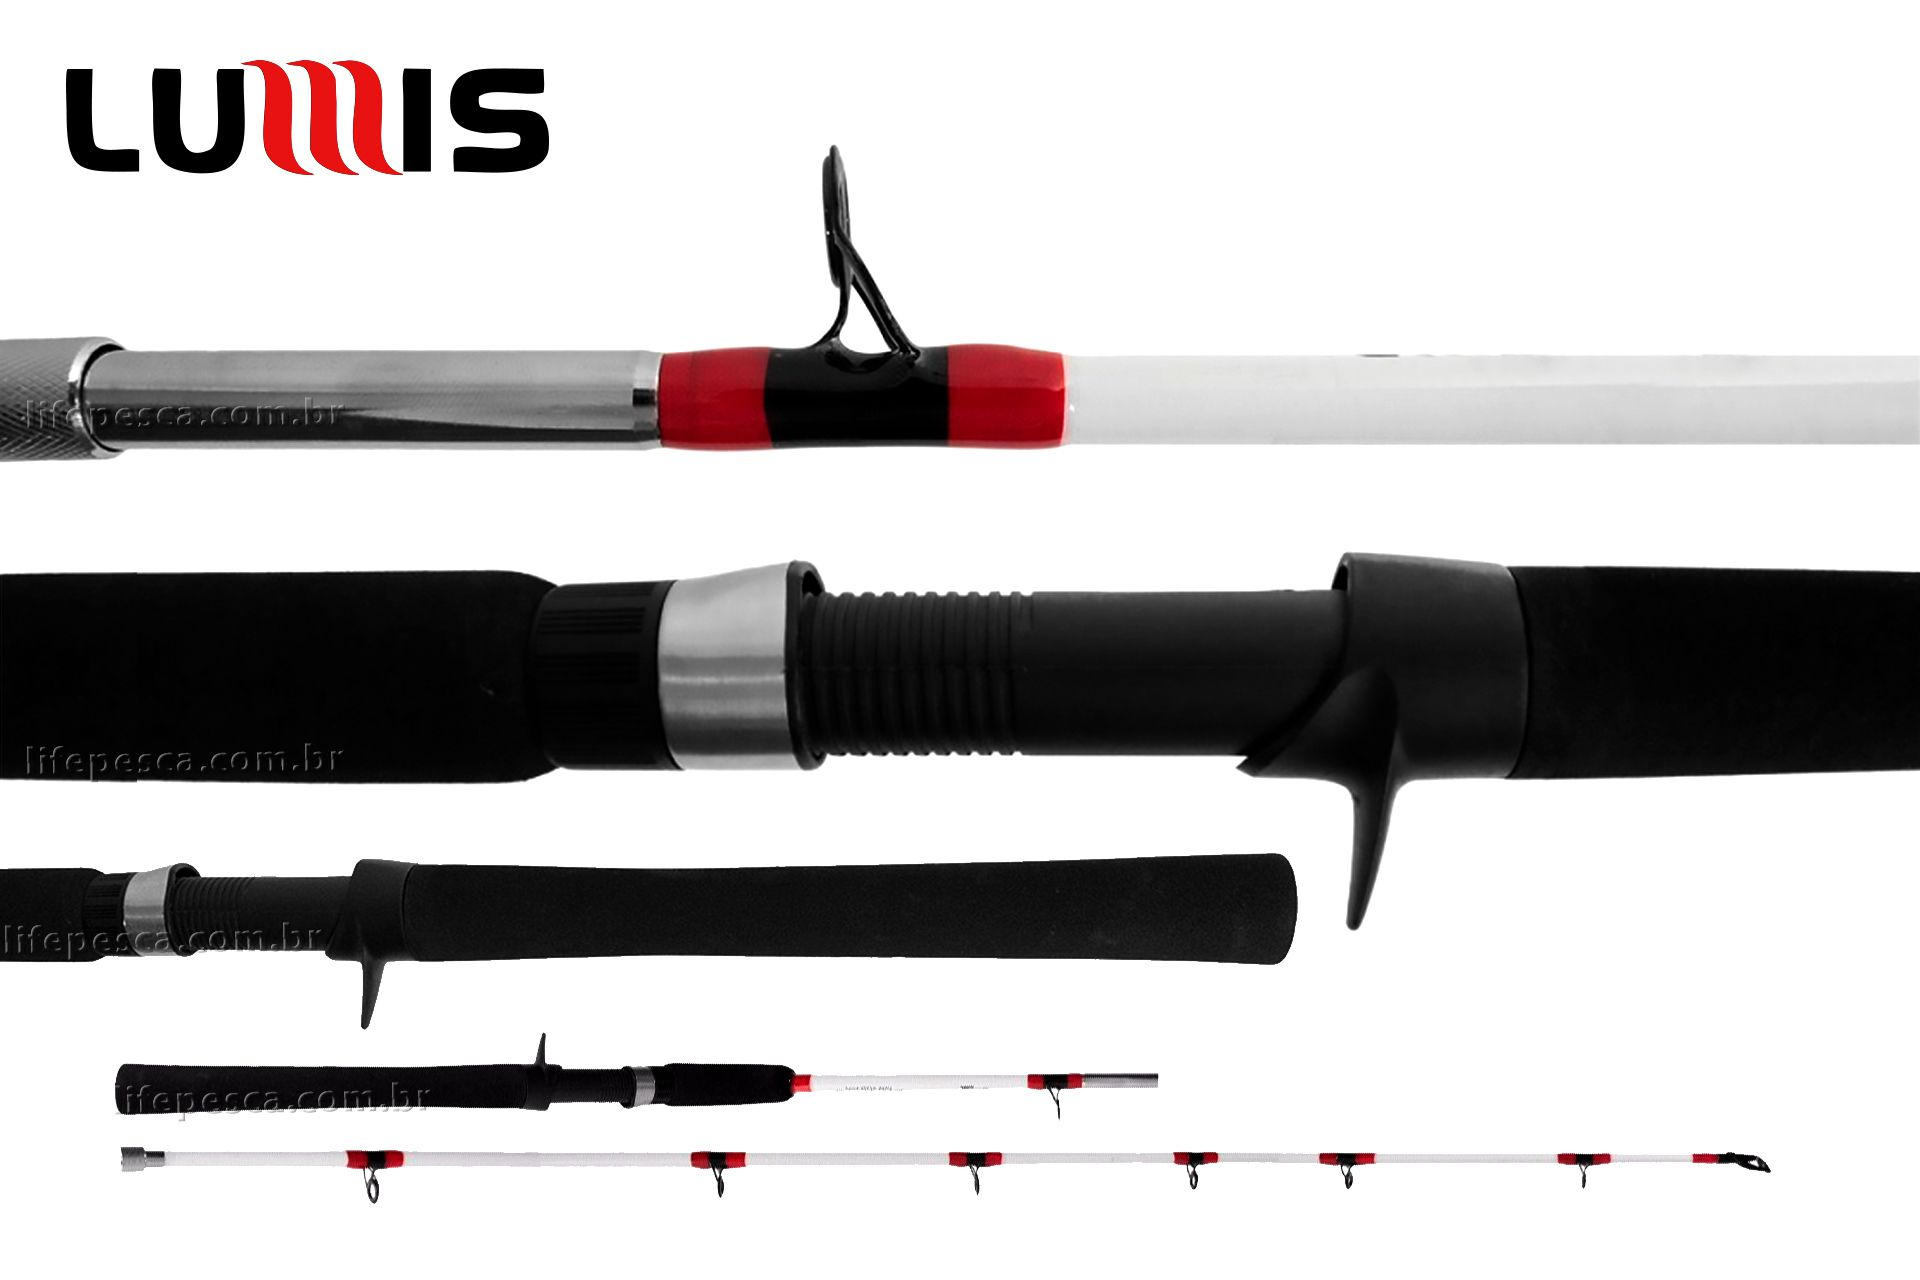 Vara Para Carretilha Lumis Brabus Cast 5 8 (1,73m) 20-60Lbs - BR58602 - 2 Partes  - Life Pesca - Sua loja de Pesca, Camping e Lazer